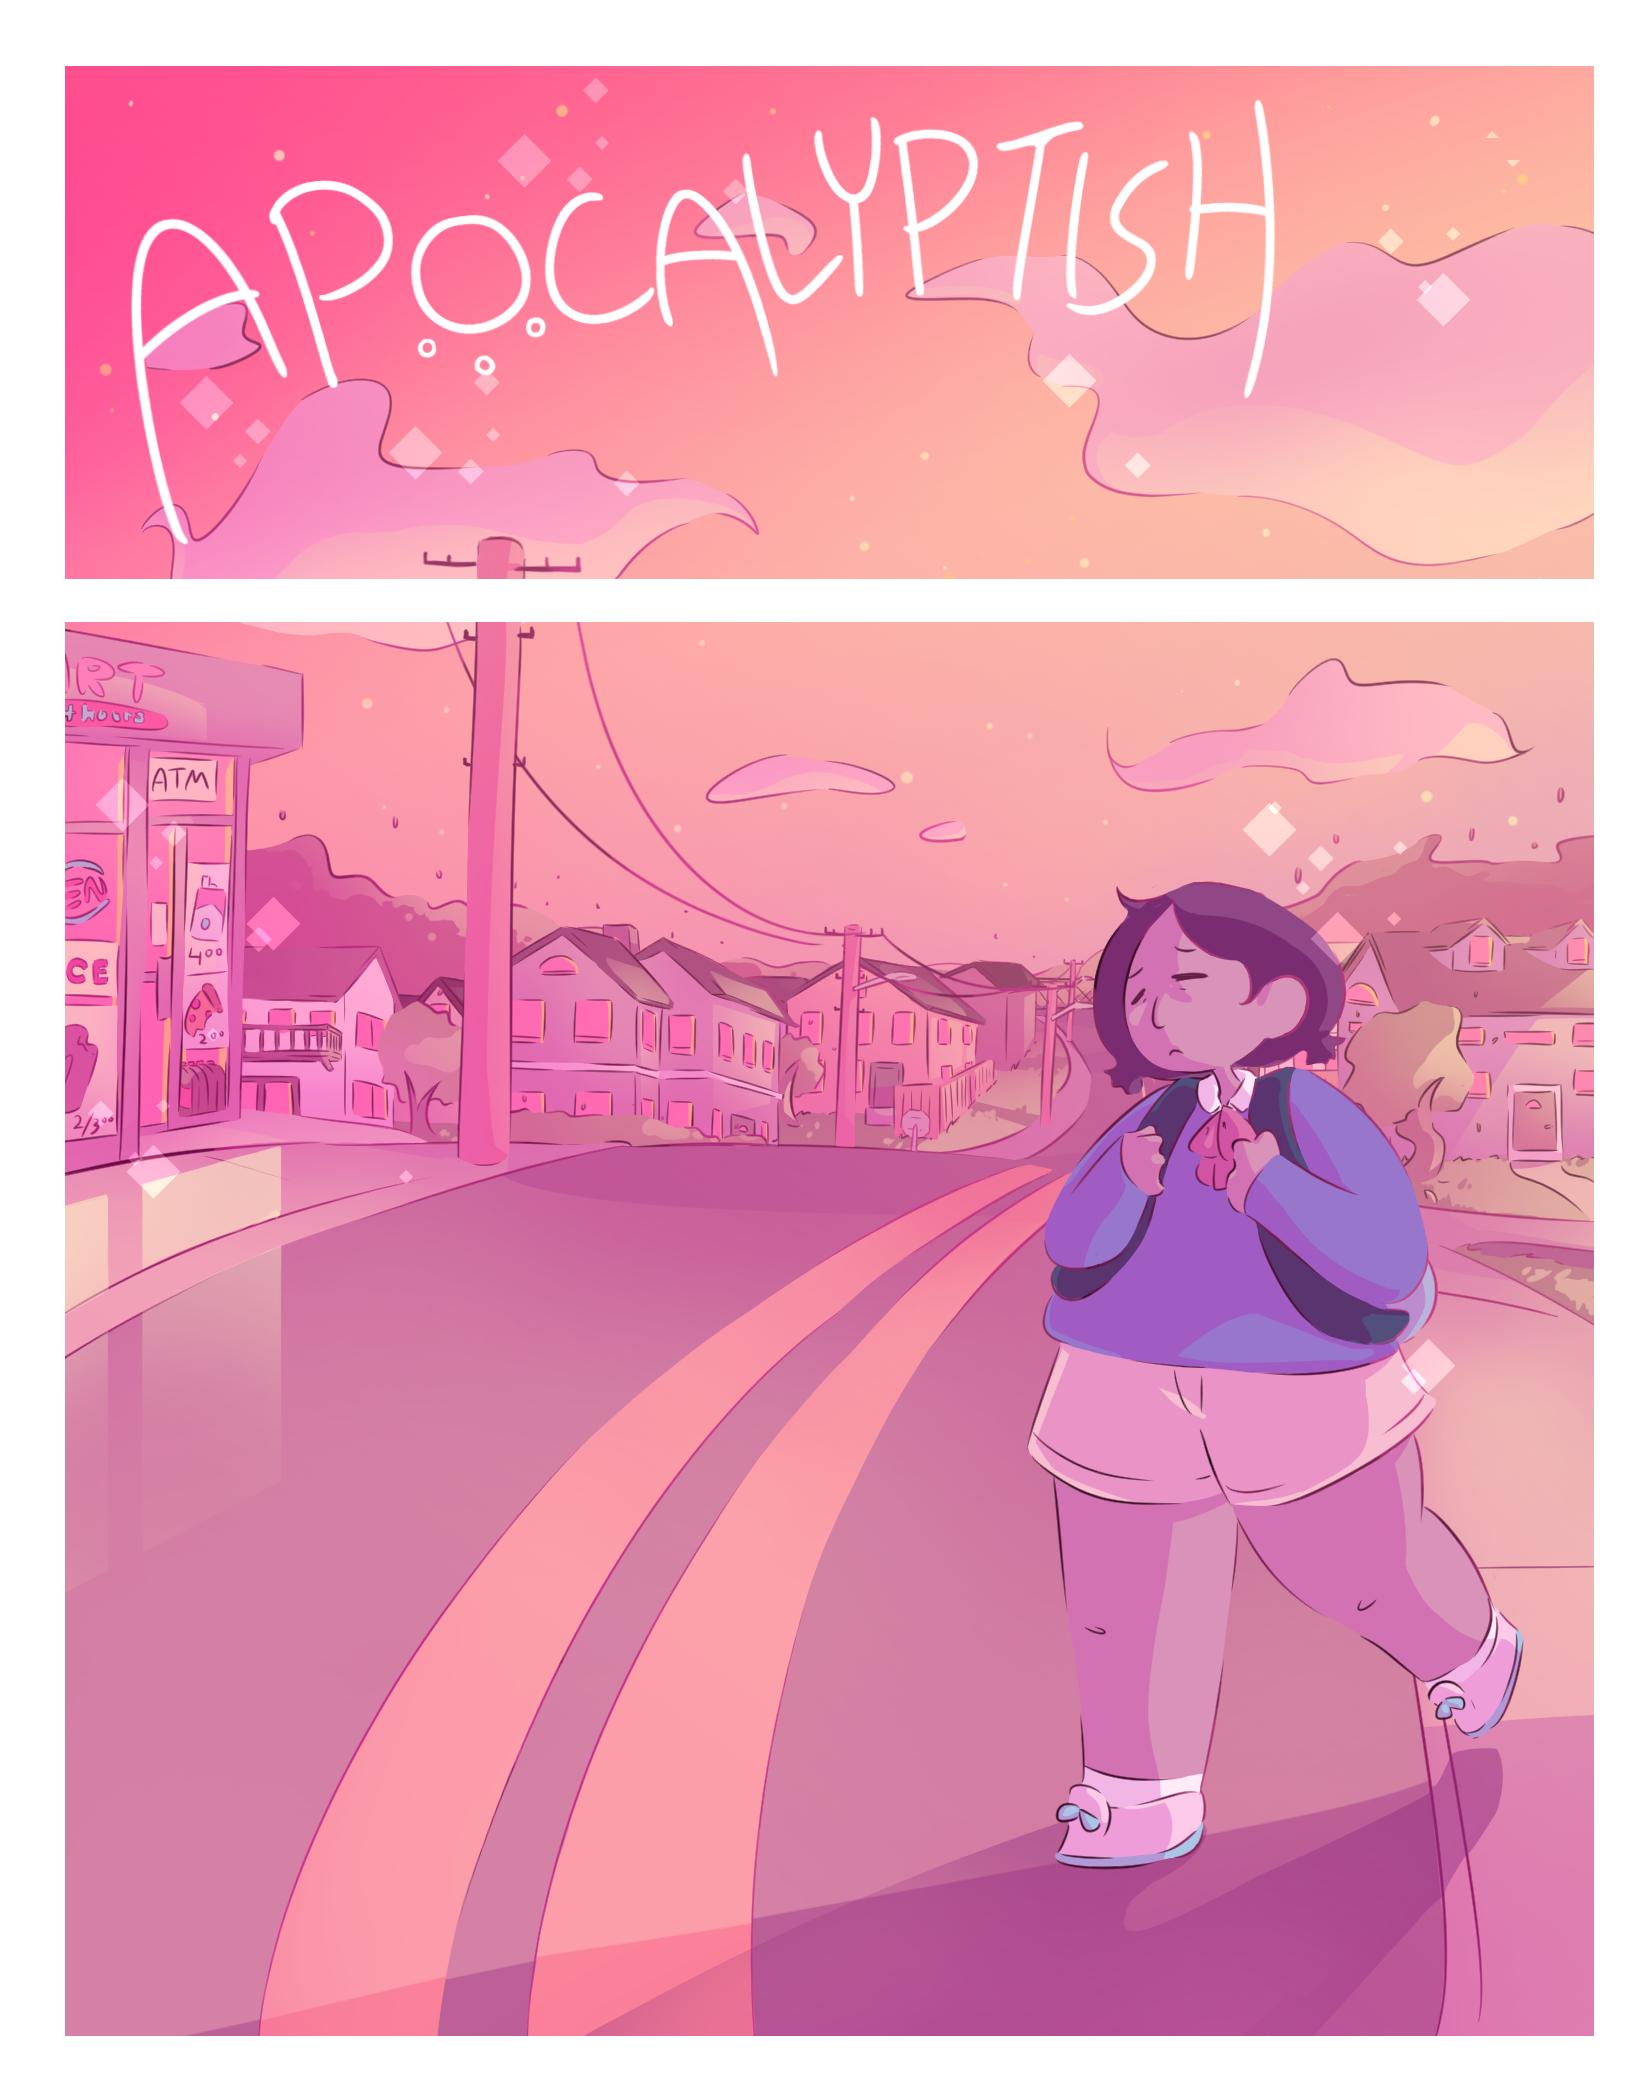 Apocalyptish